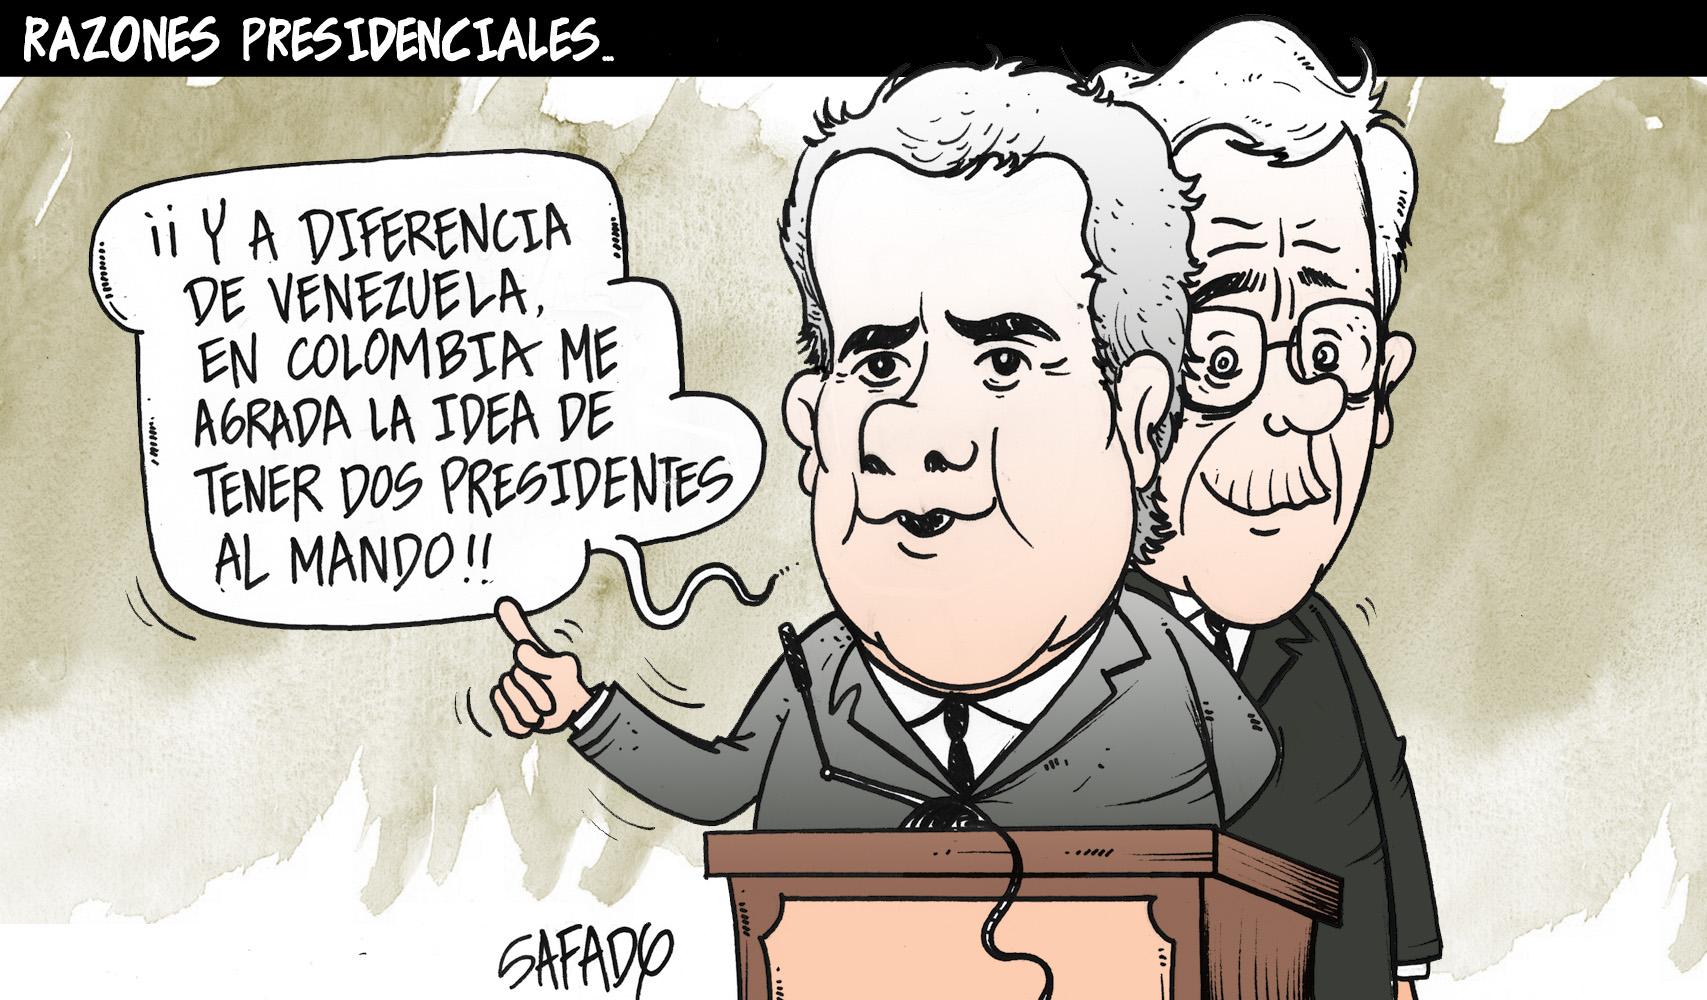 Razones presidenciales